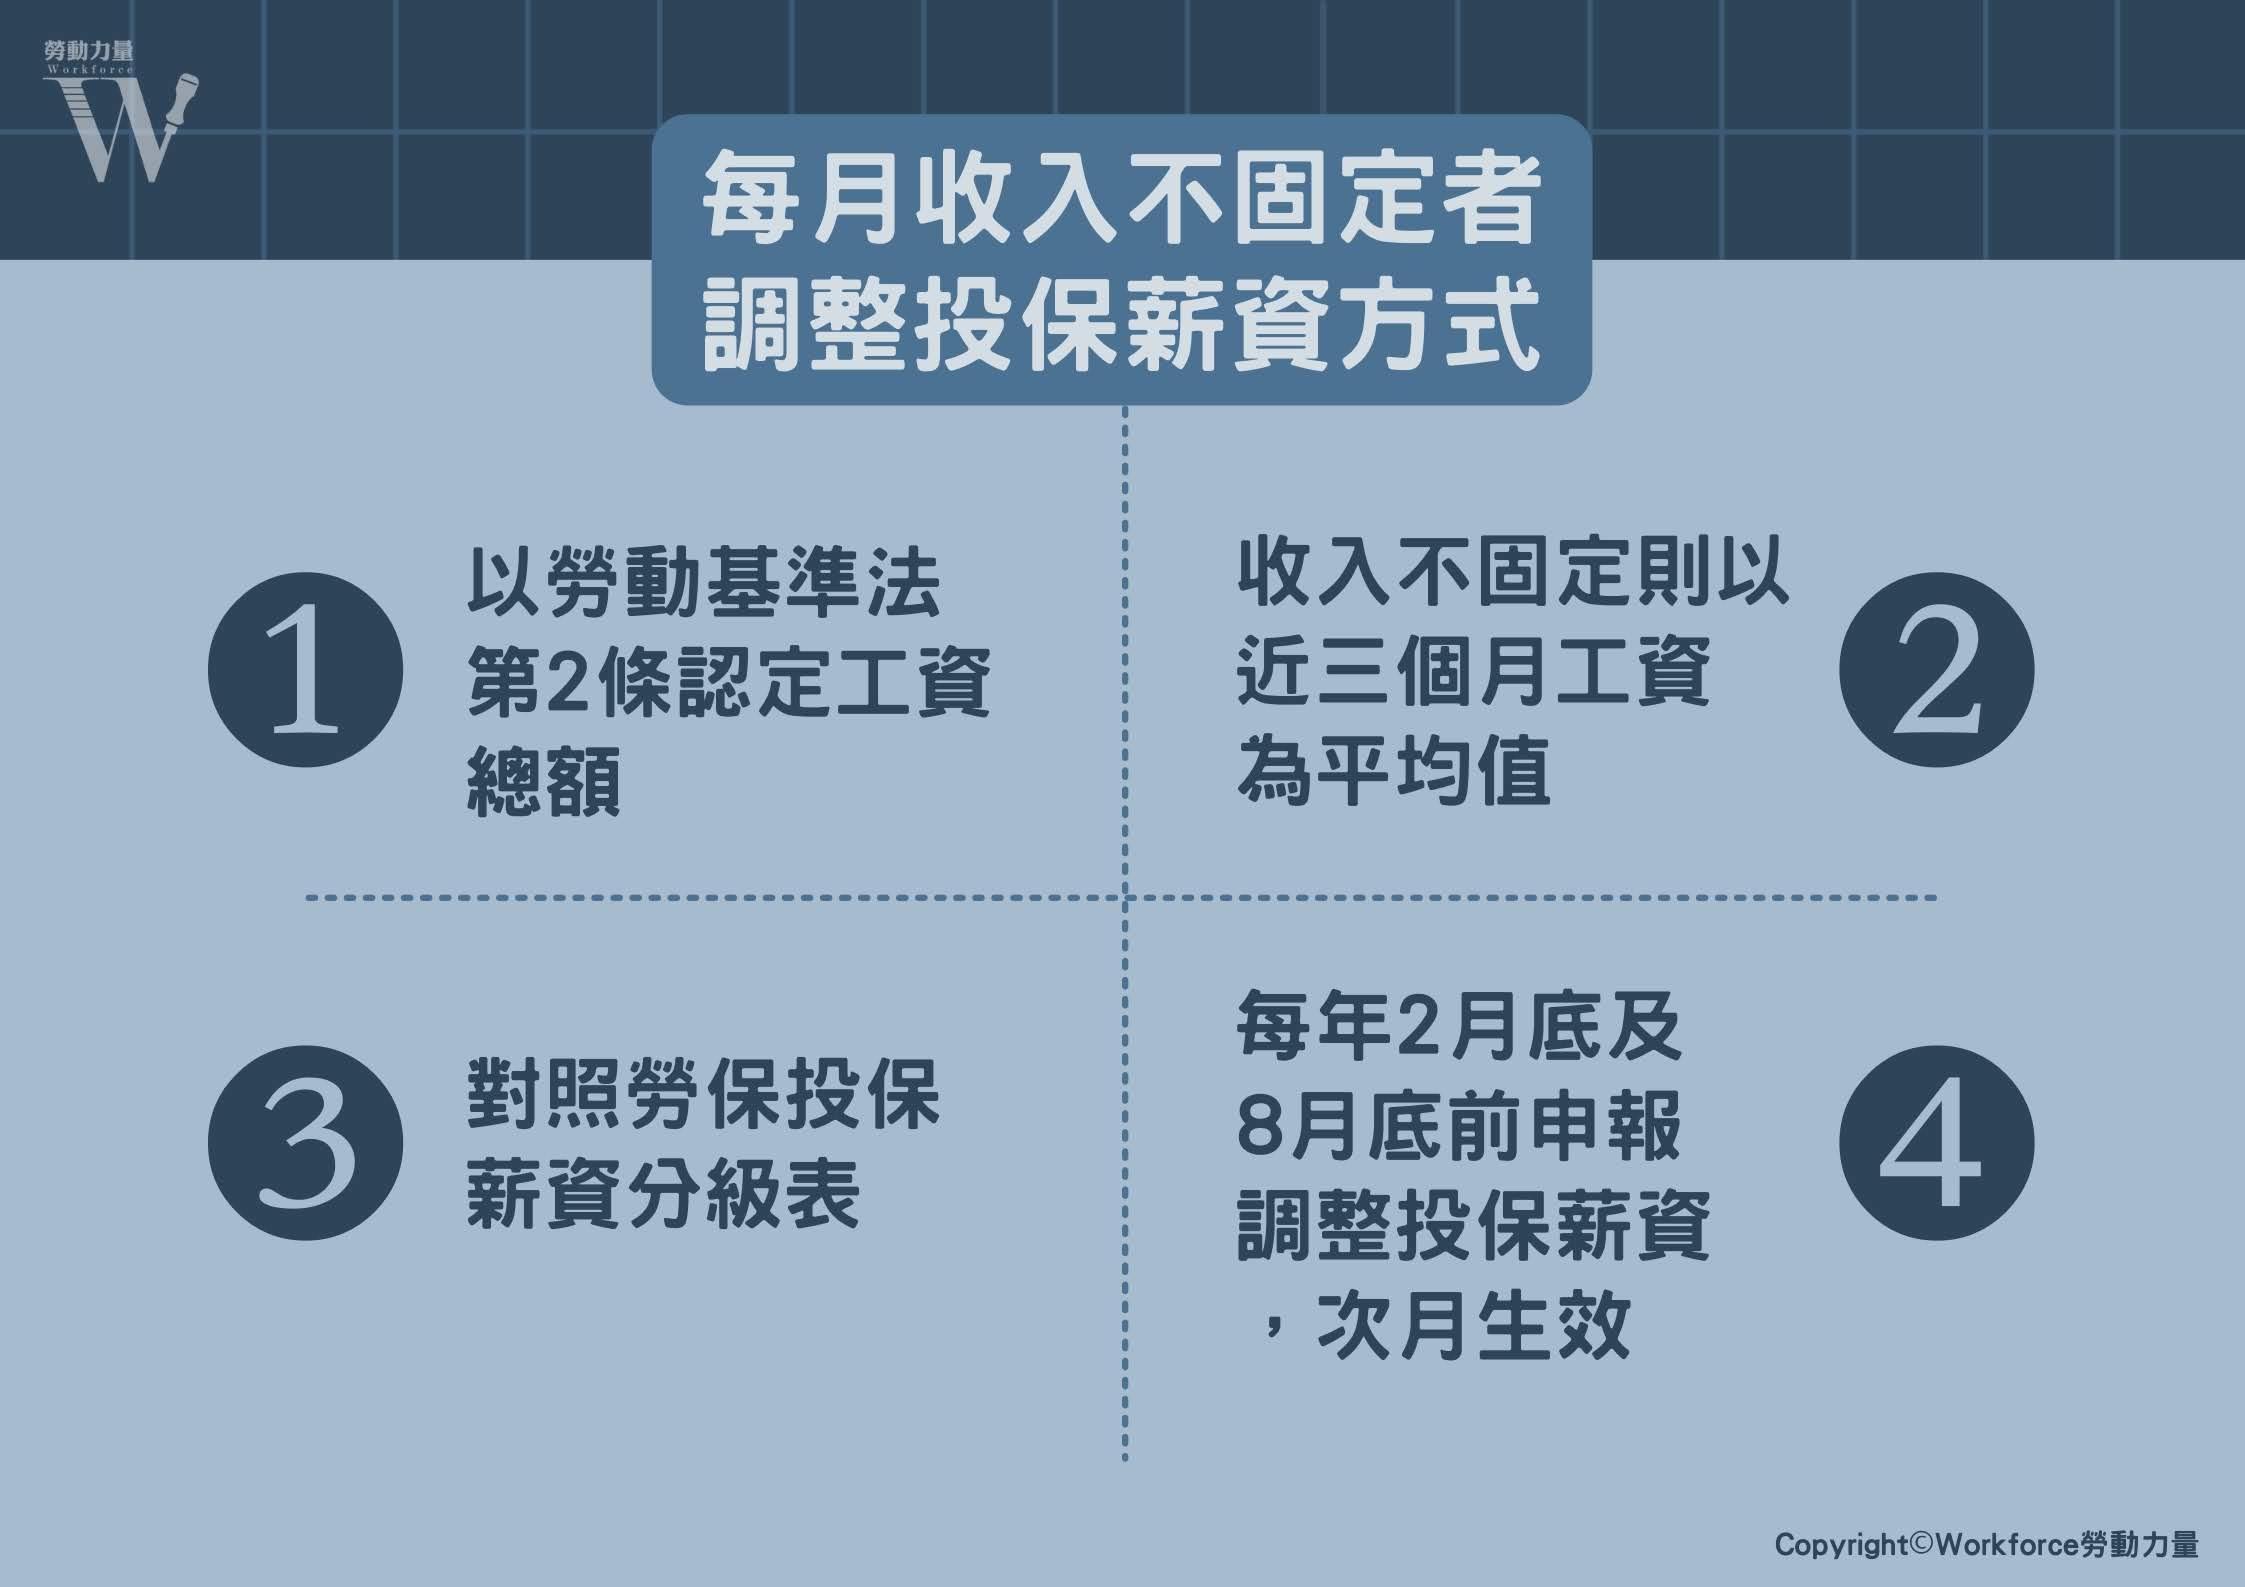 每月收入不固定者調整投保薪資方式